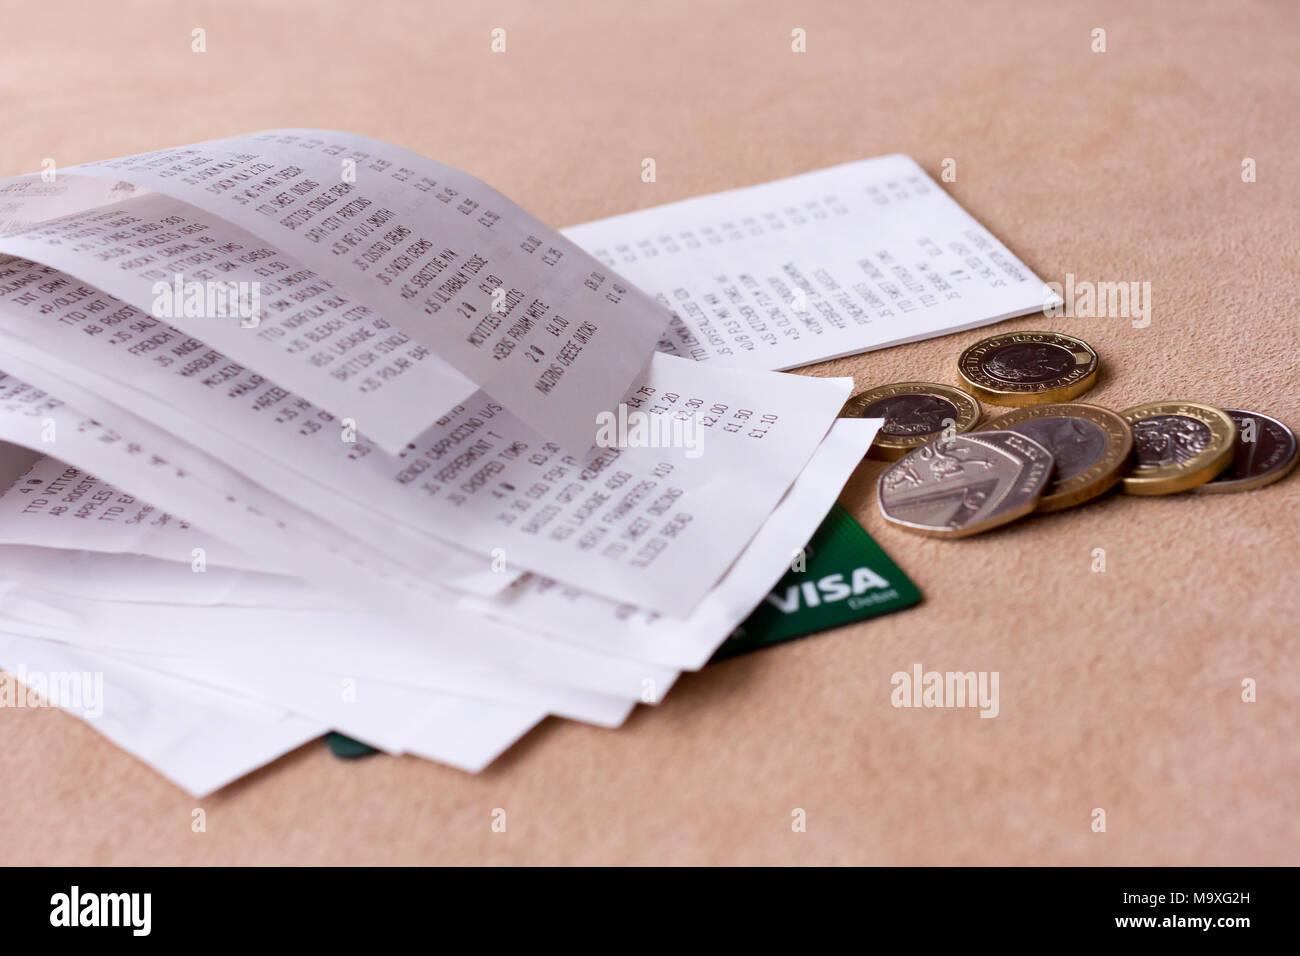 Une pile de supermarché courses de caisse avec un peu d'anglais sterling petit changement & Visa carte bancaire, Royaume-Uni Photo Stock